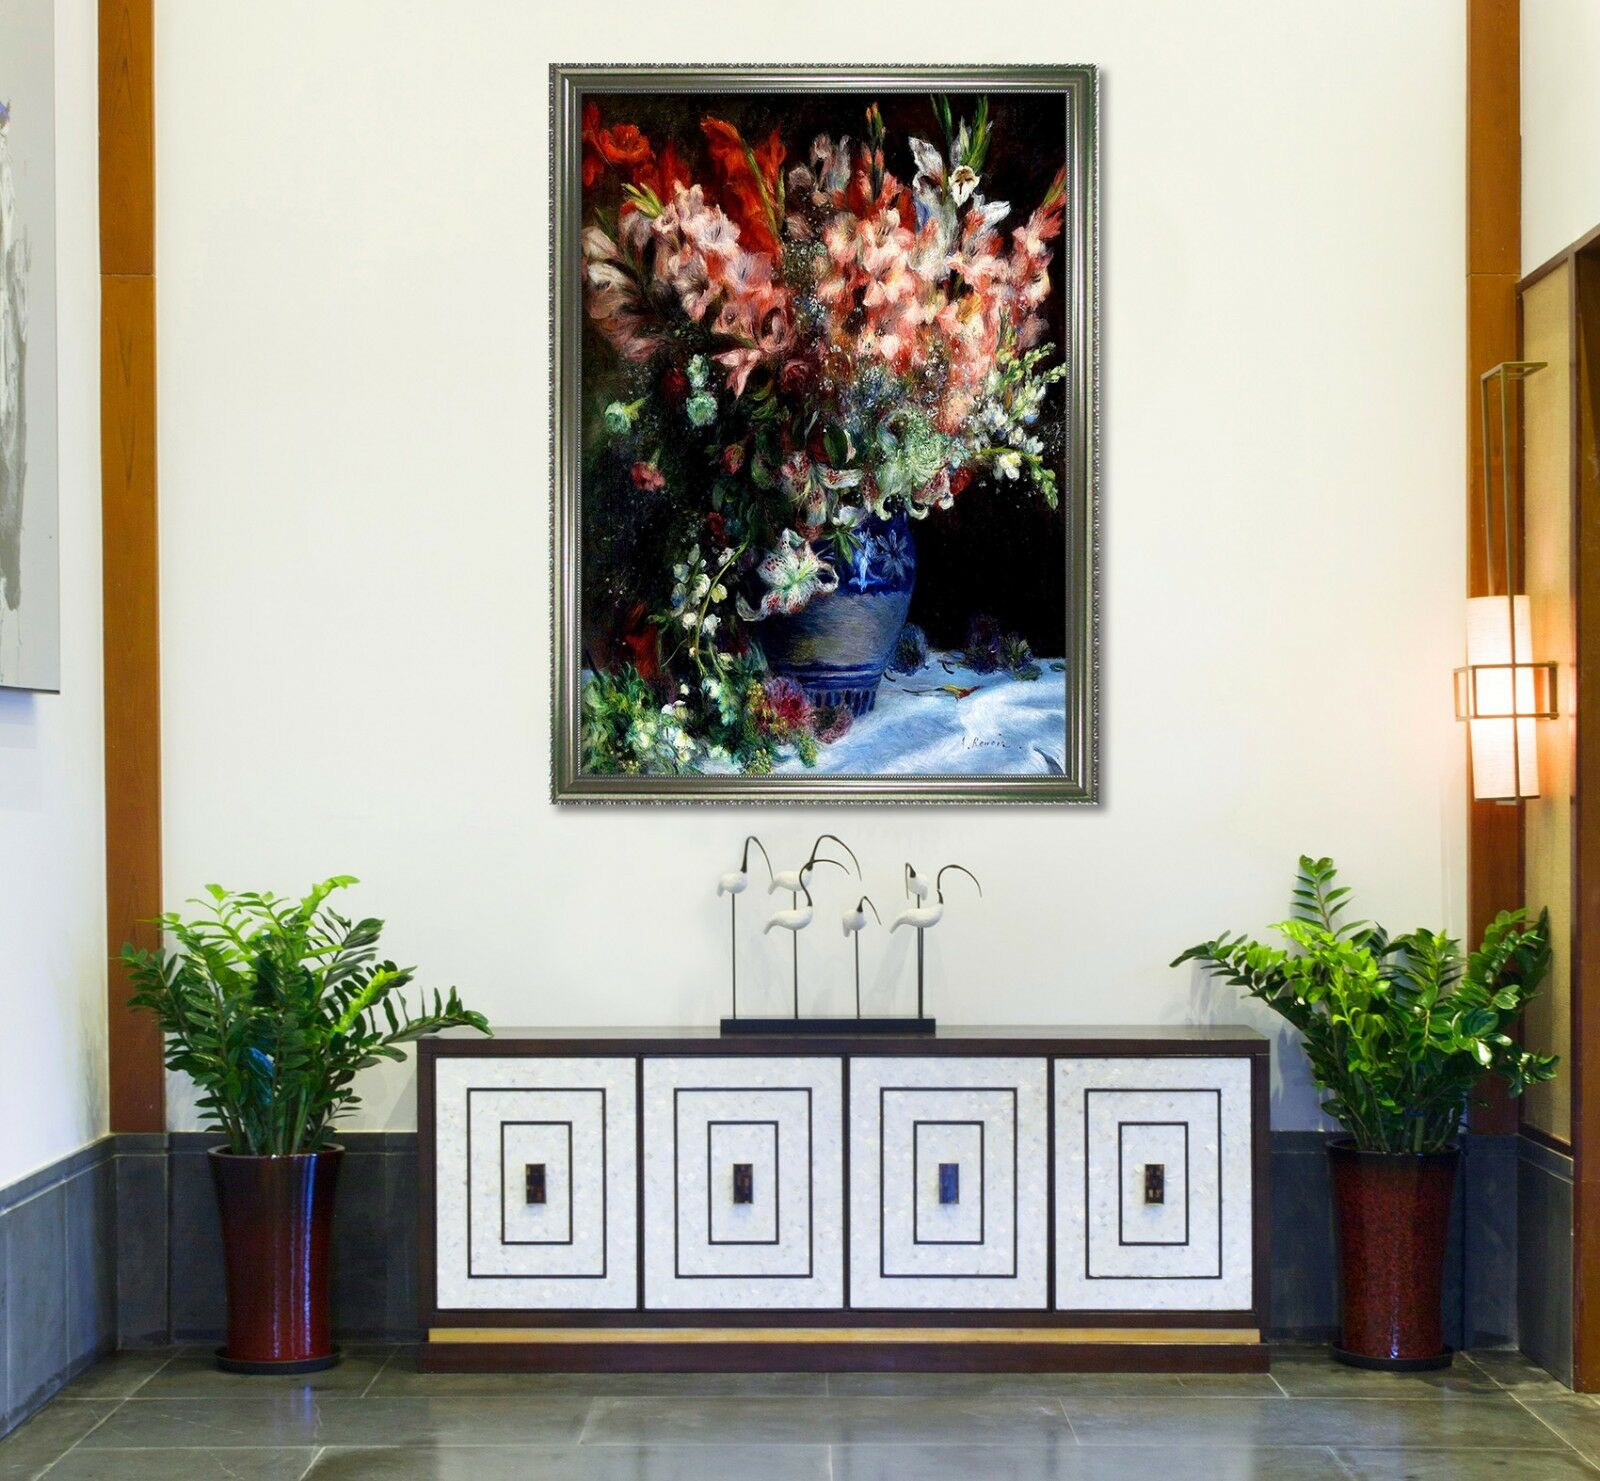 3D Flowers Vase 2 Framed Poster Home Decor Print Painting Art AJ WALLPAPER